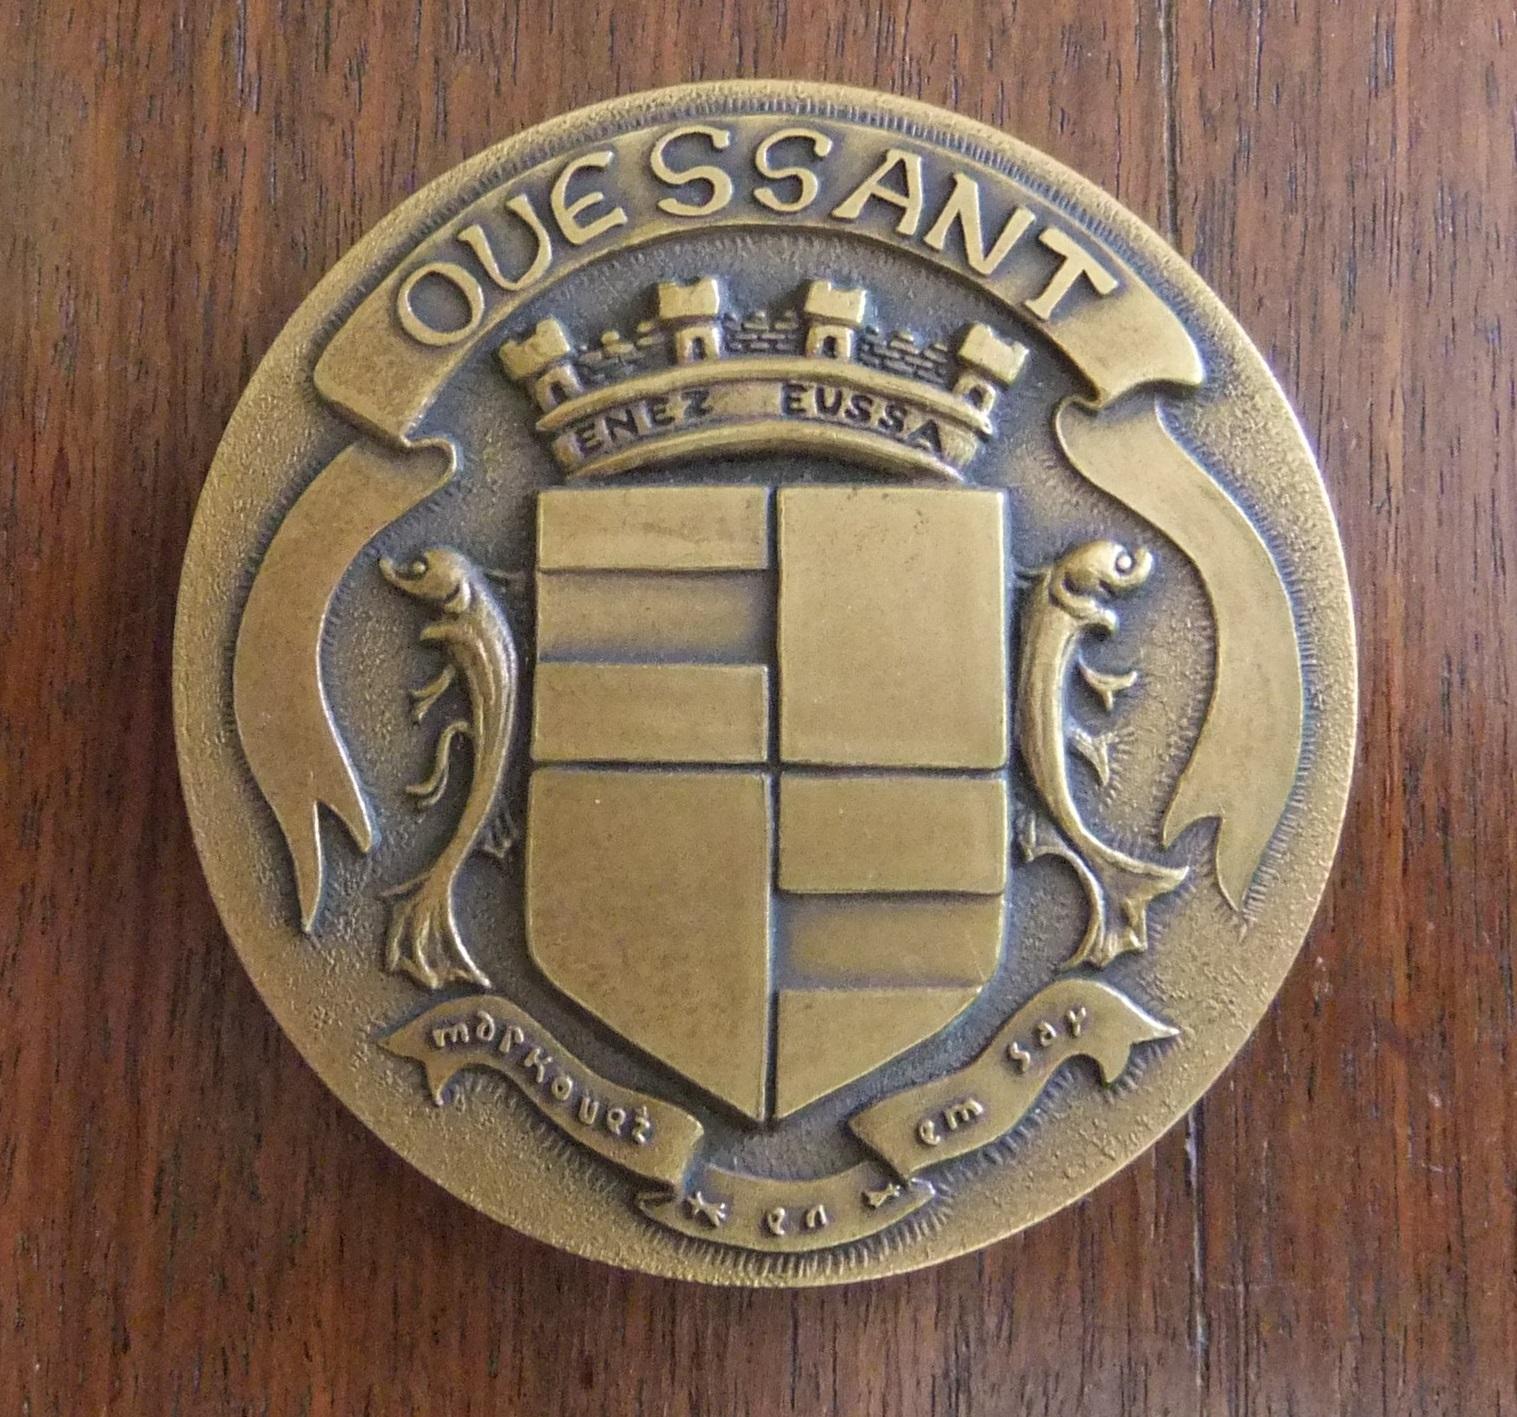 Medaille de la municipalité d'Ouessant